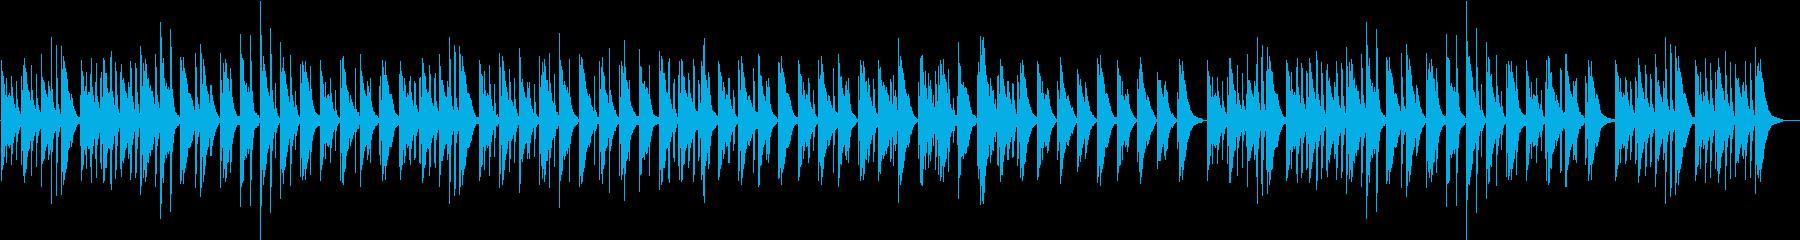 静かな雰囲気、旋律のピアノ曲の再生済みの波形